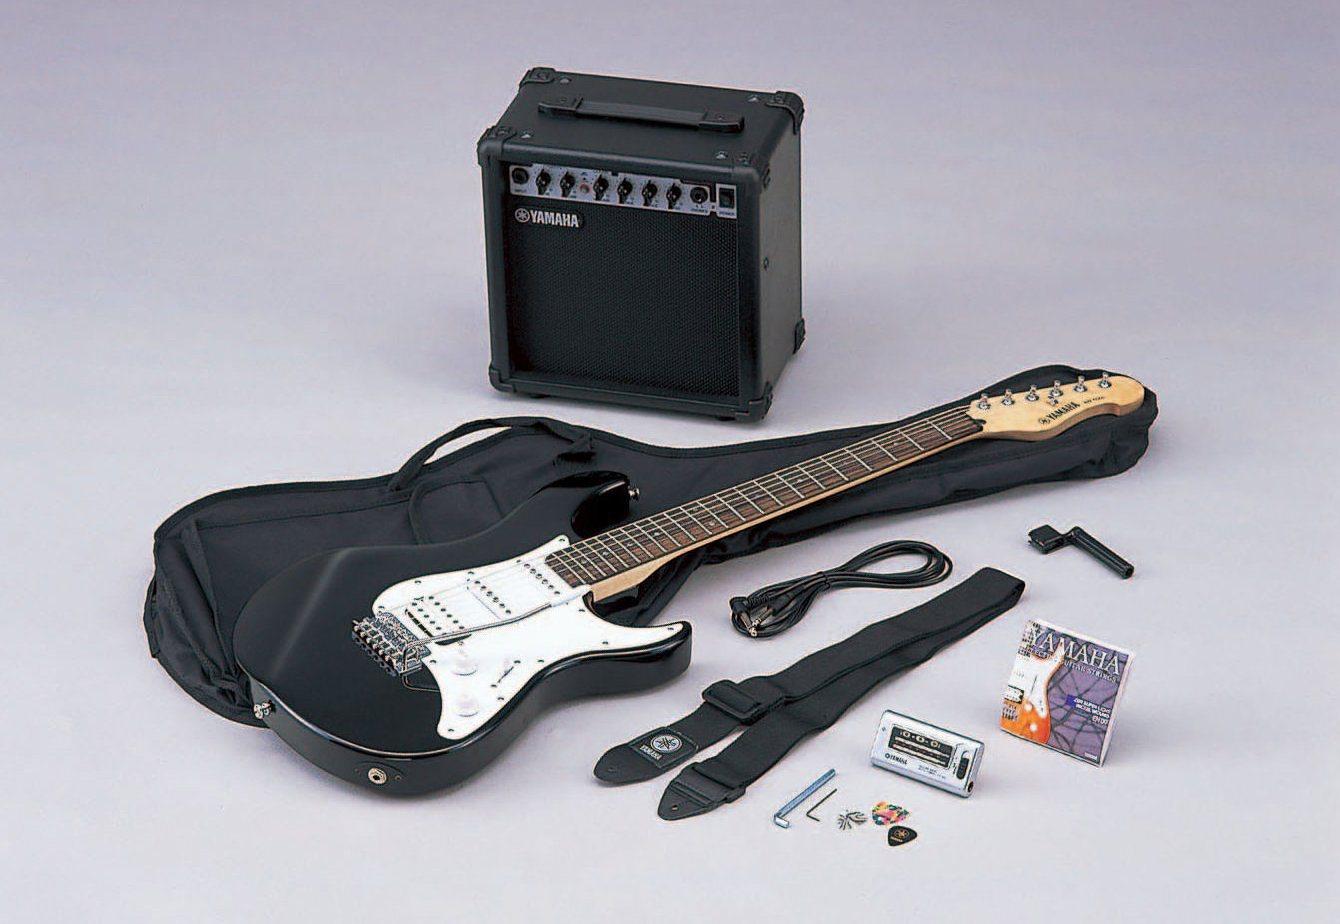 yamaha set e gitarre mit verstrker stimmgert tasche uvm  gigmaker